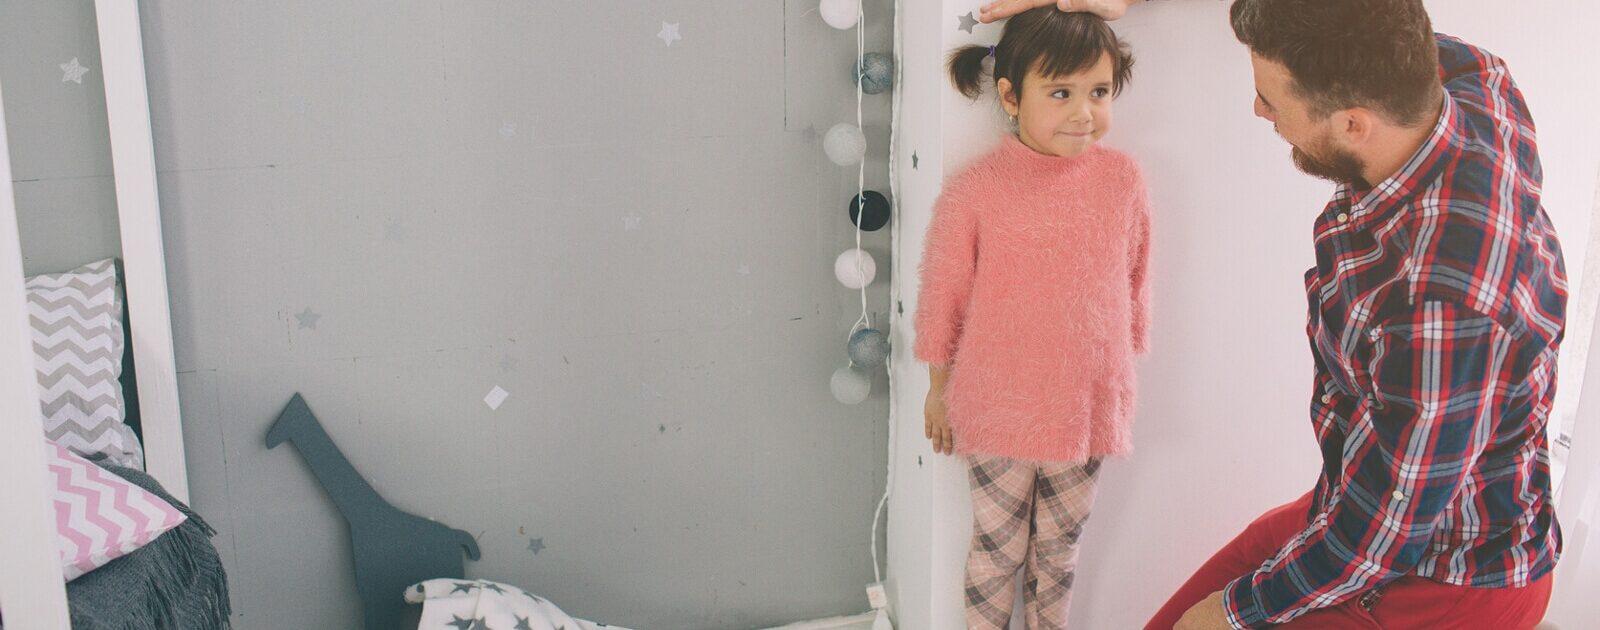 Ein Vater misst die Körpergröße seiner kleinen Tochter.